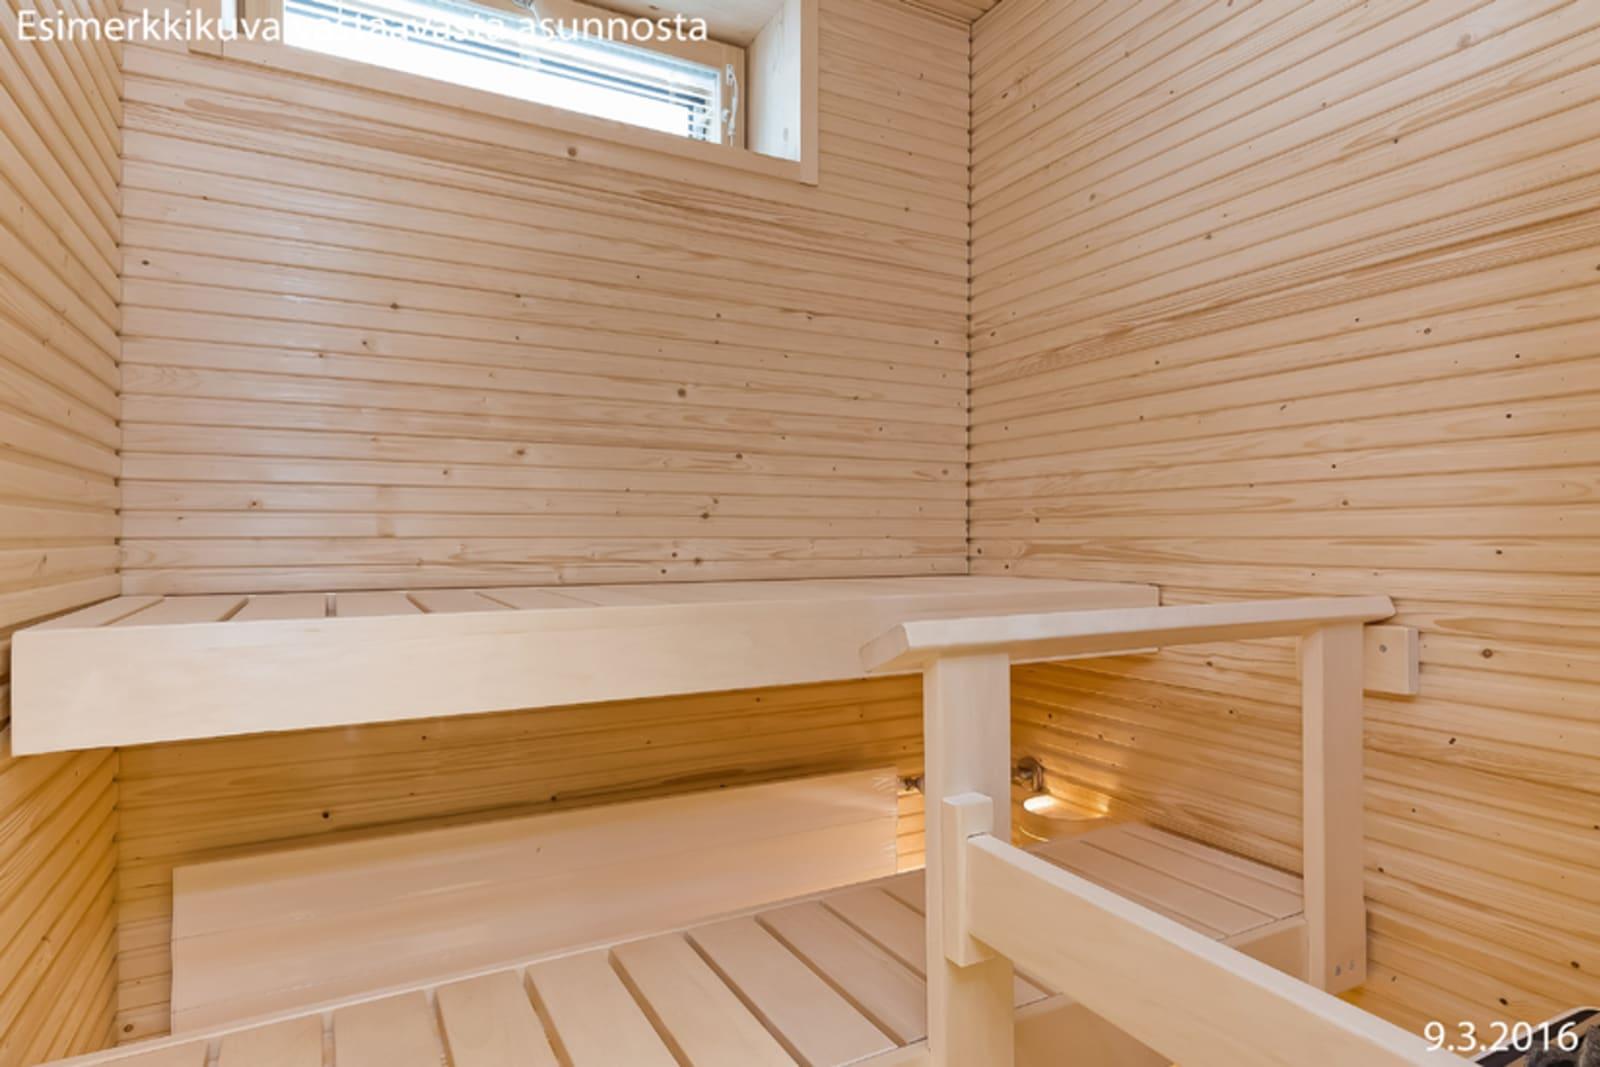 Vantaa, Rajakylä, Sompakuja 2-4 A 009